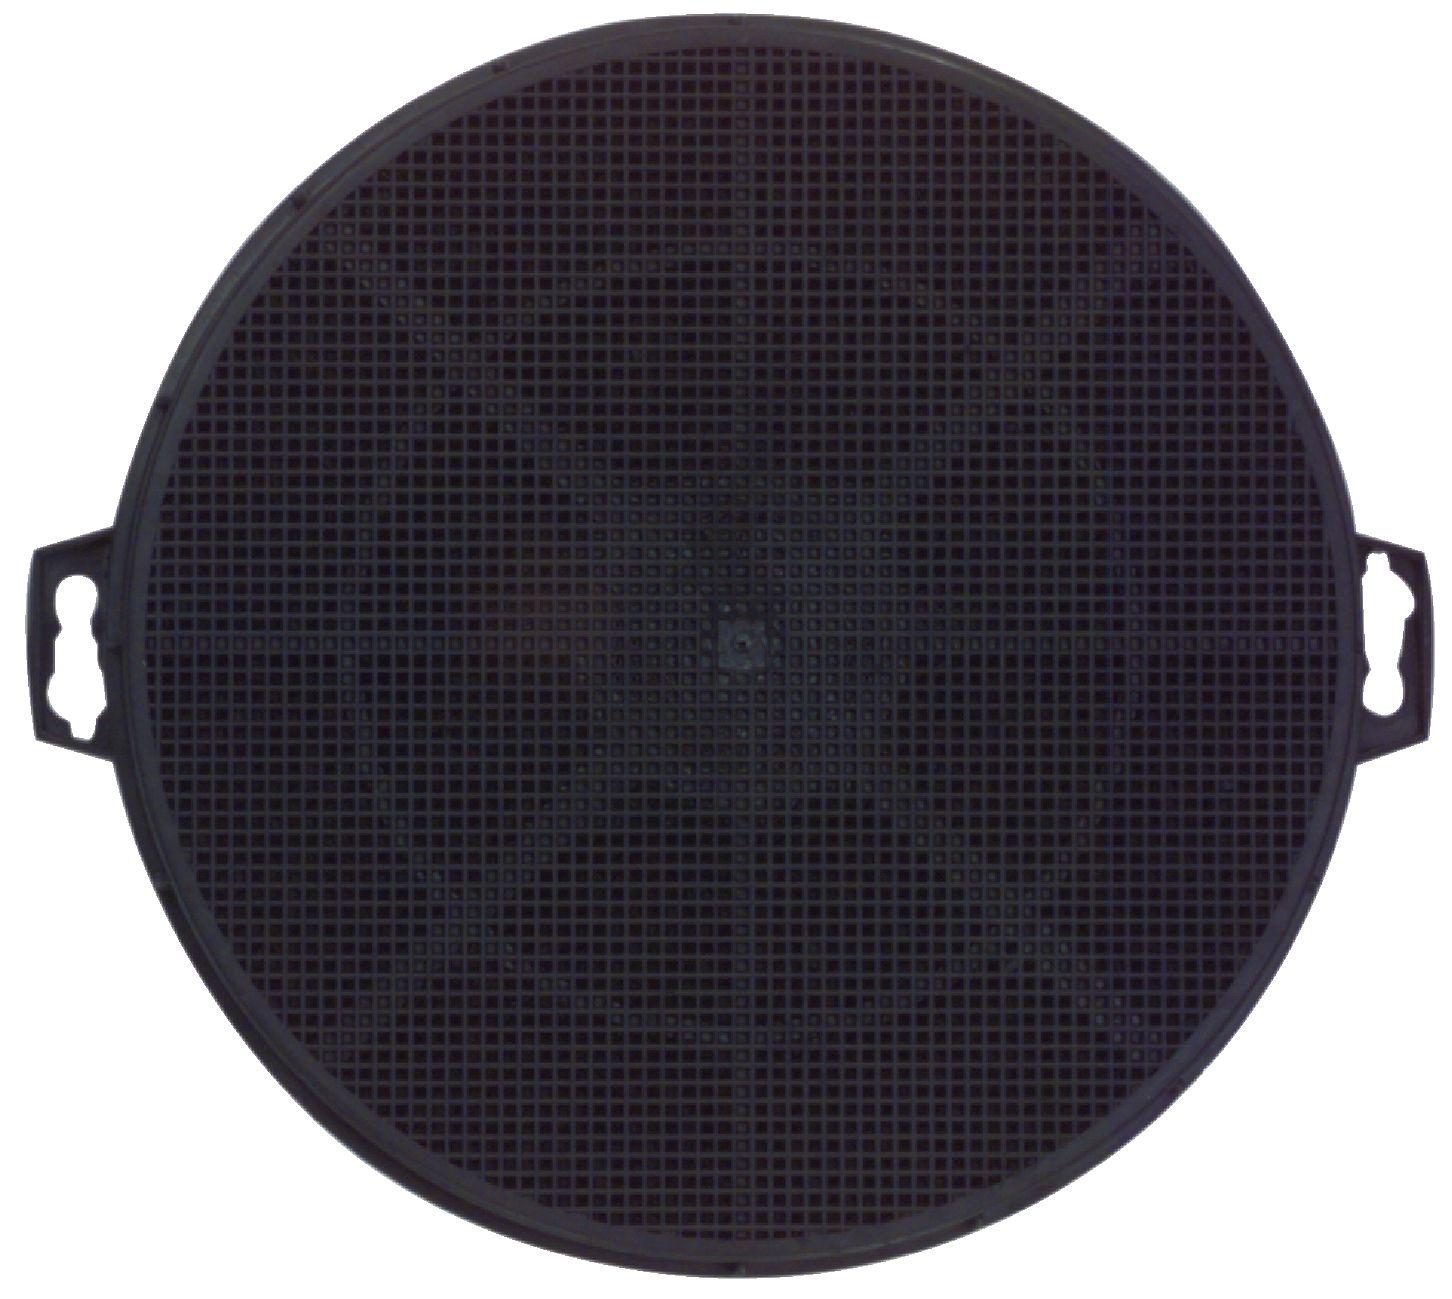 Uhlíkový filtr do digestoře, Ø 21 cm Fixapart W4-49909